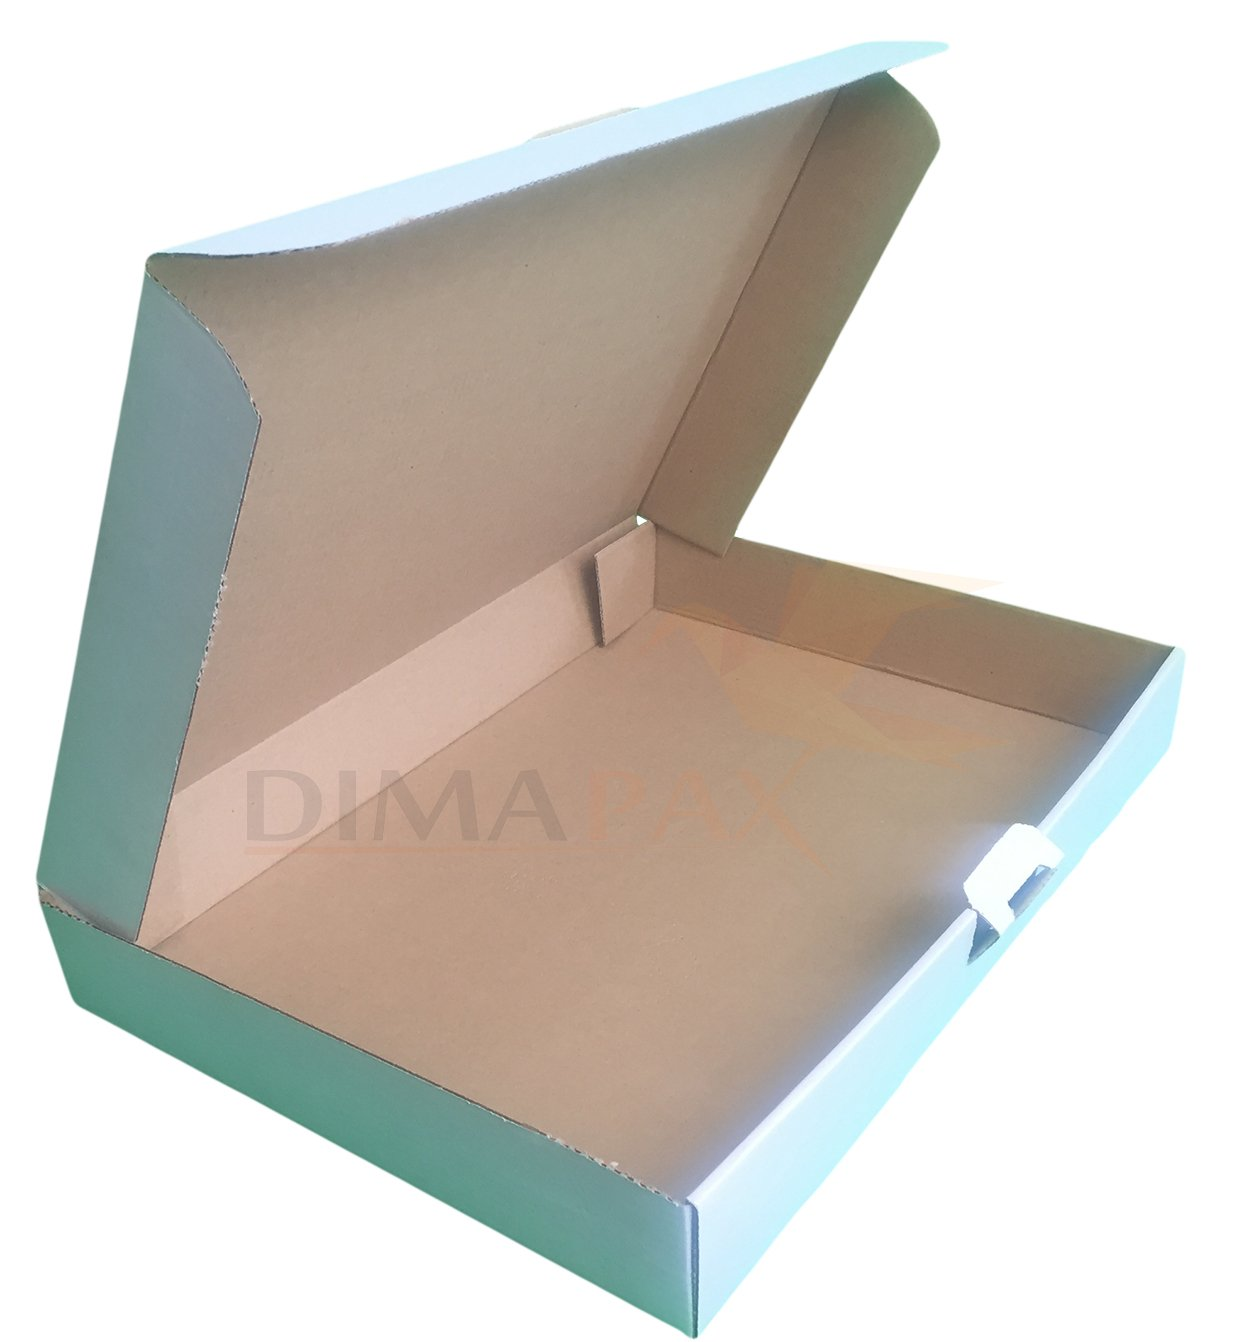 Maxibrief MB6 wei/ß 350 x 250 x 50 mm 25 St/ück dimapax